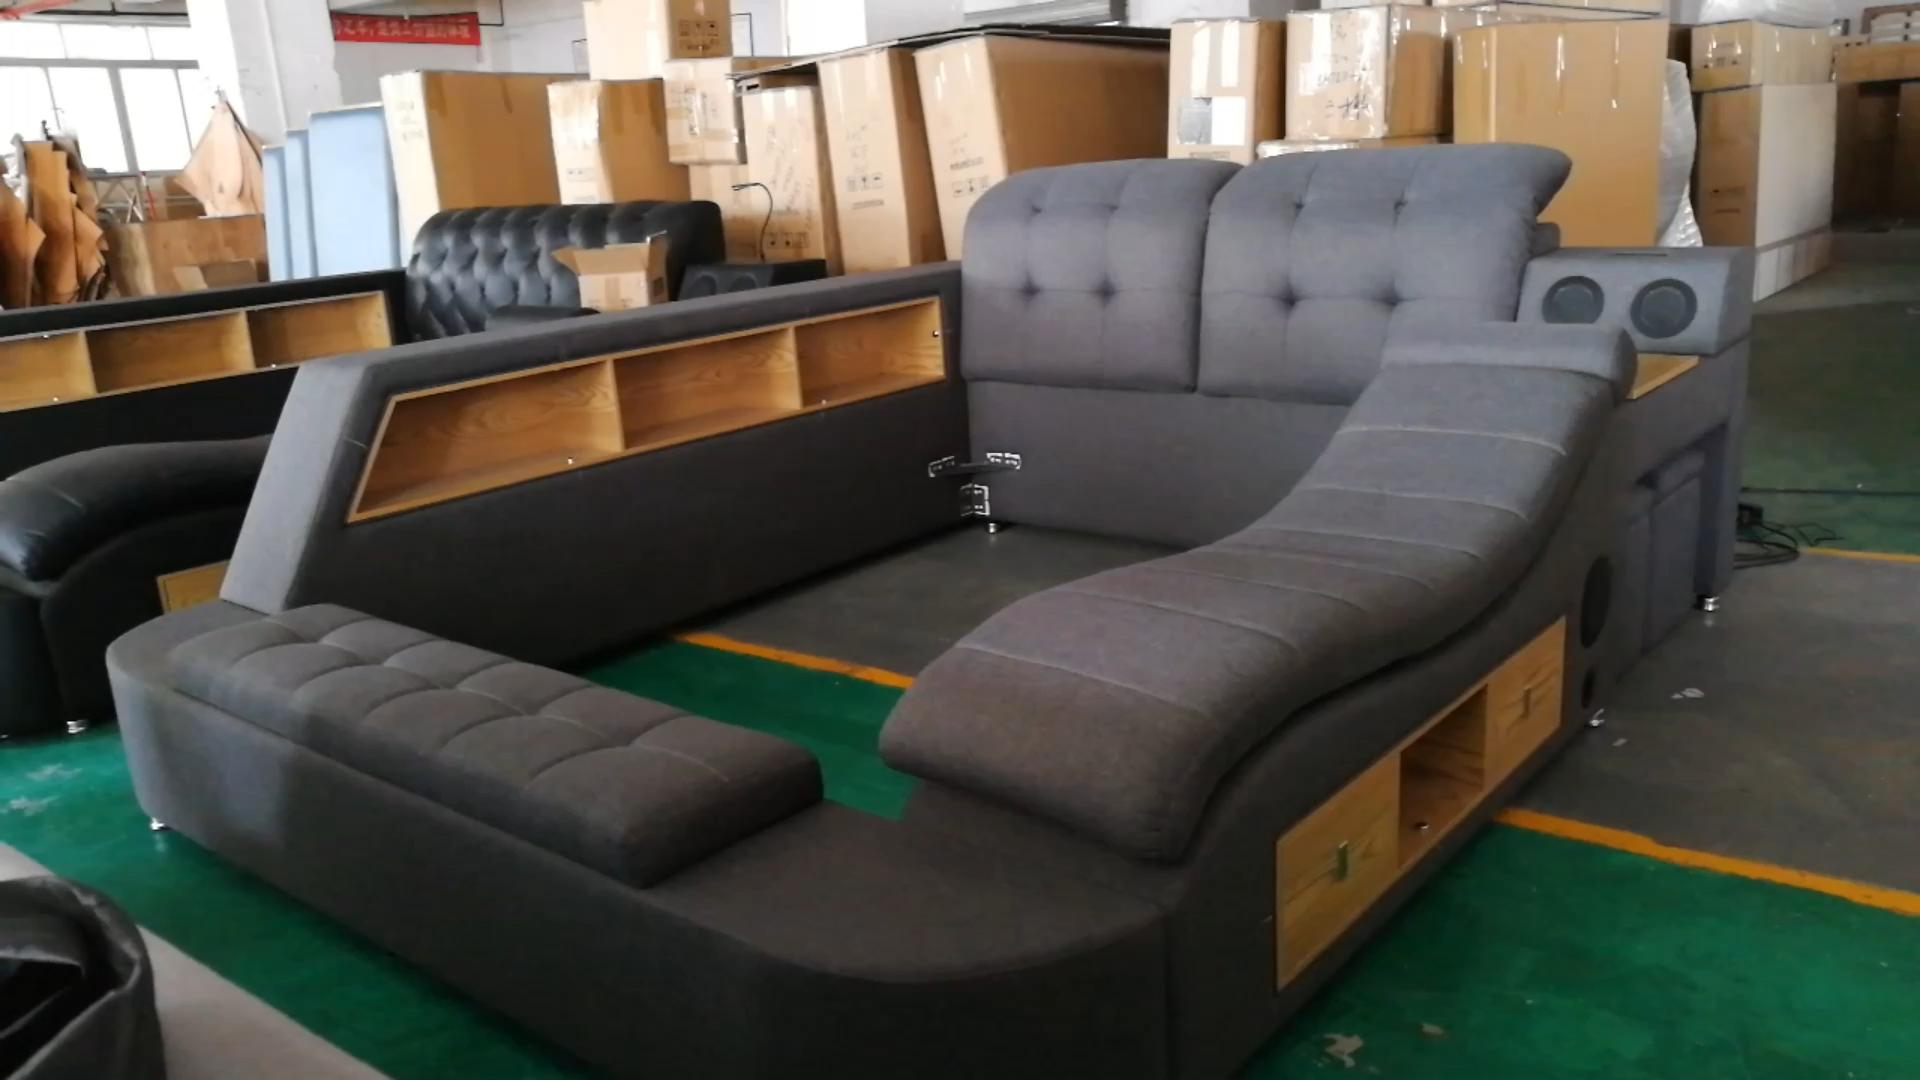 덮개를 씌운 가족 나무 침대 카마 Luxo Furnture 트윈 Bedupholstered 썰매 스마트 프레임 다기능 침대